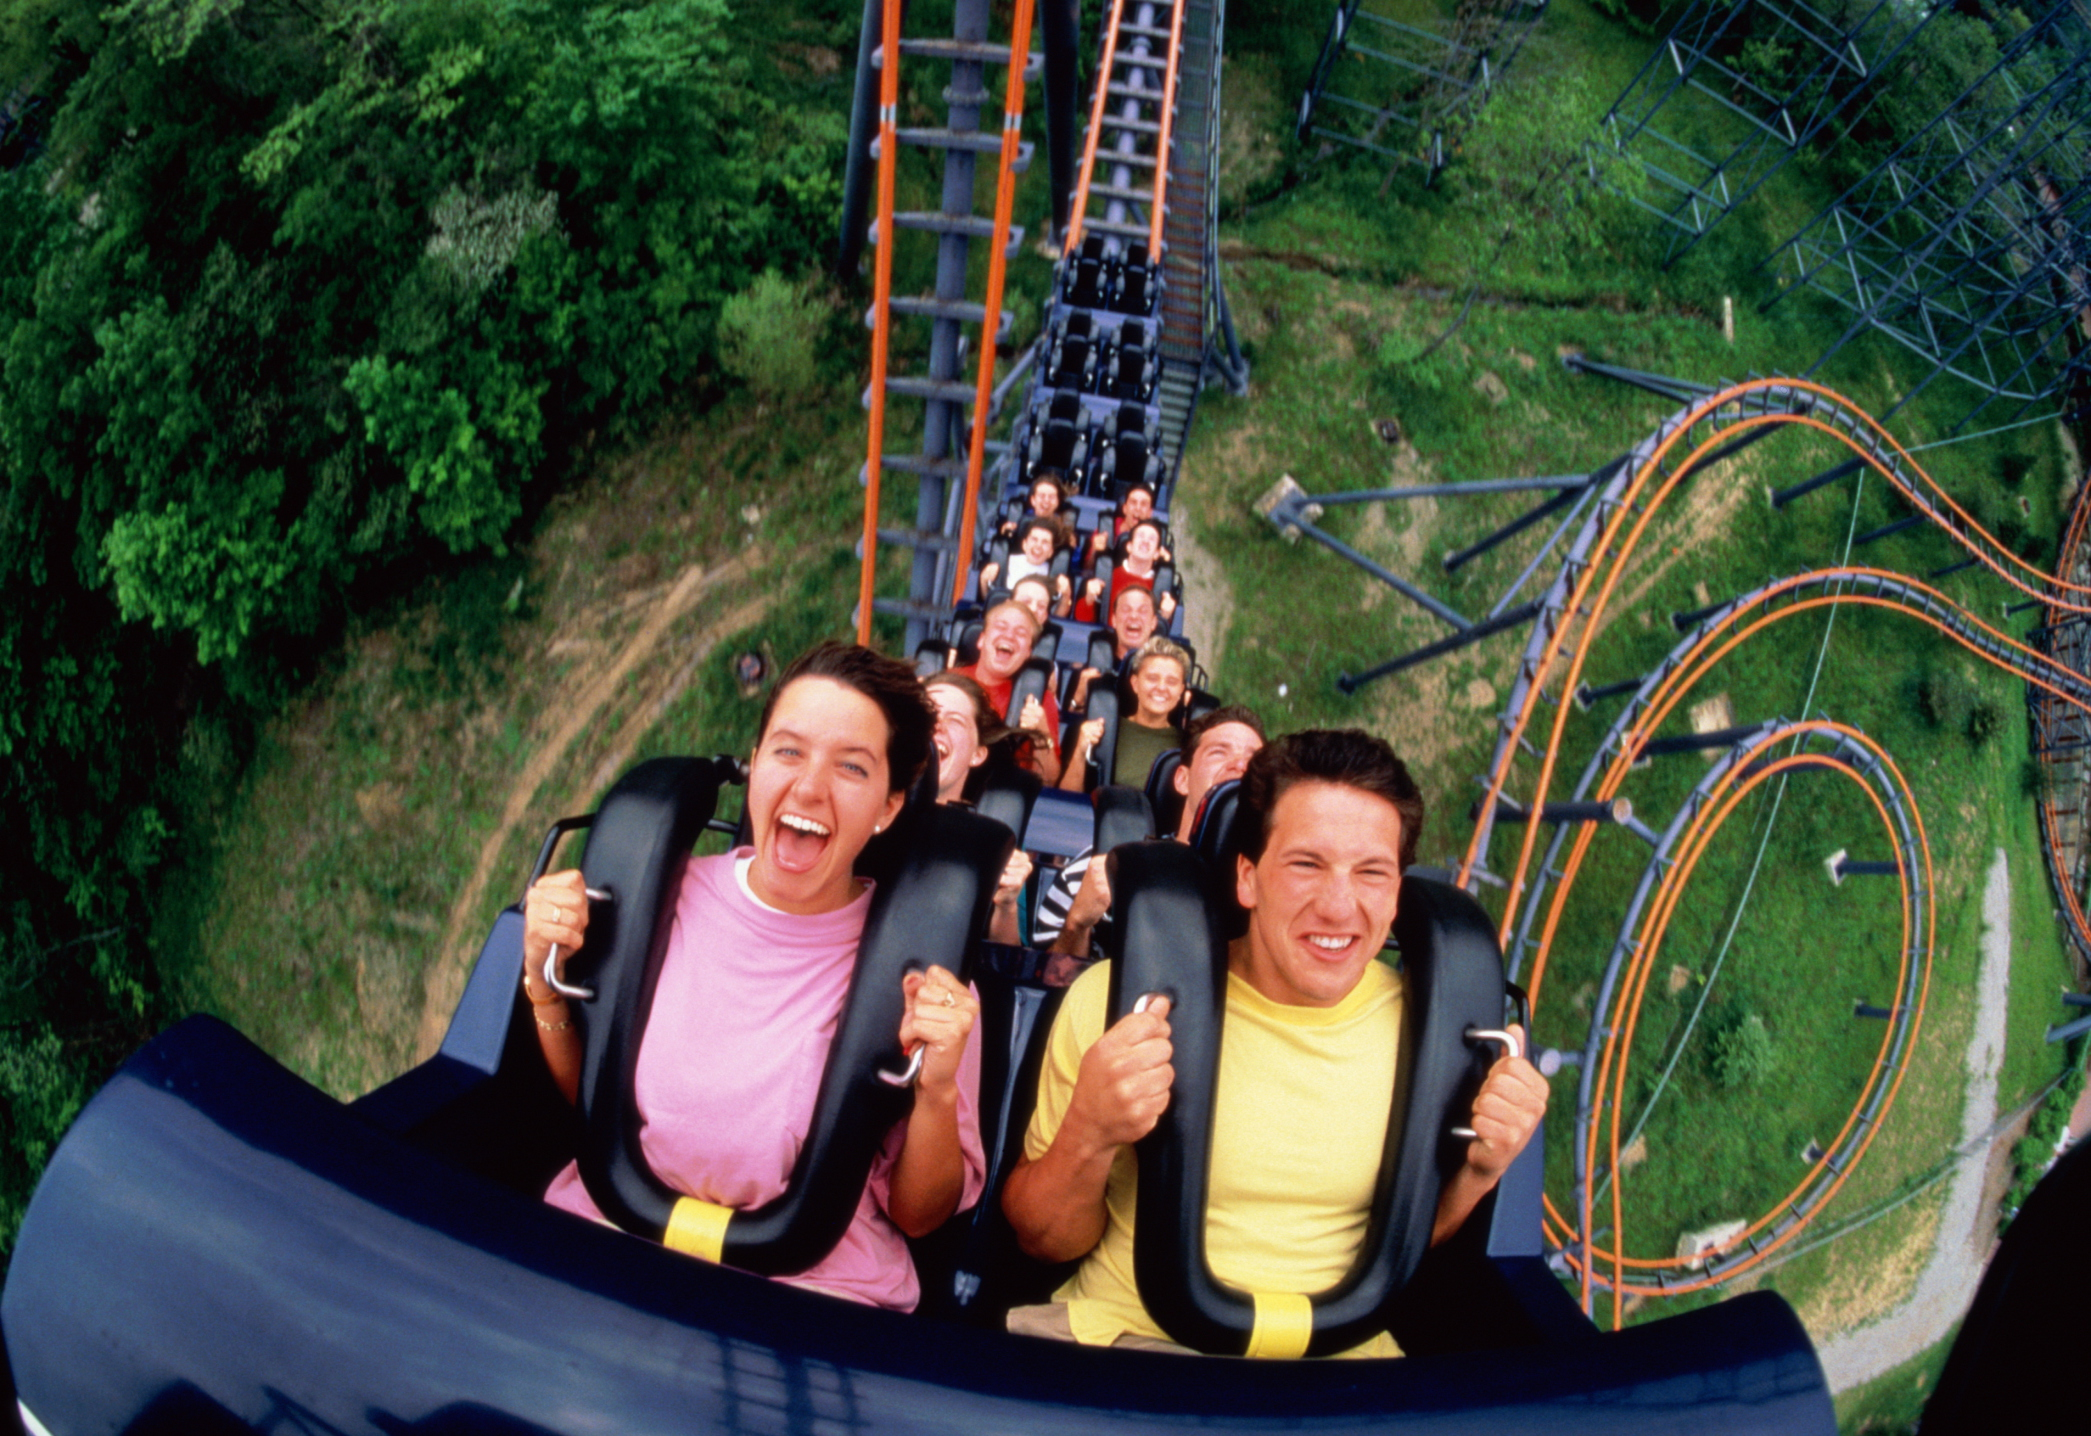 10 Surprising Things People Lose on Roller Coasters | HowStuffWorks